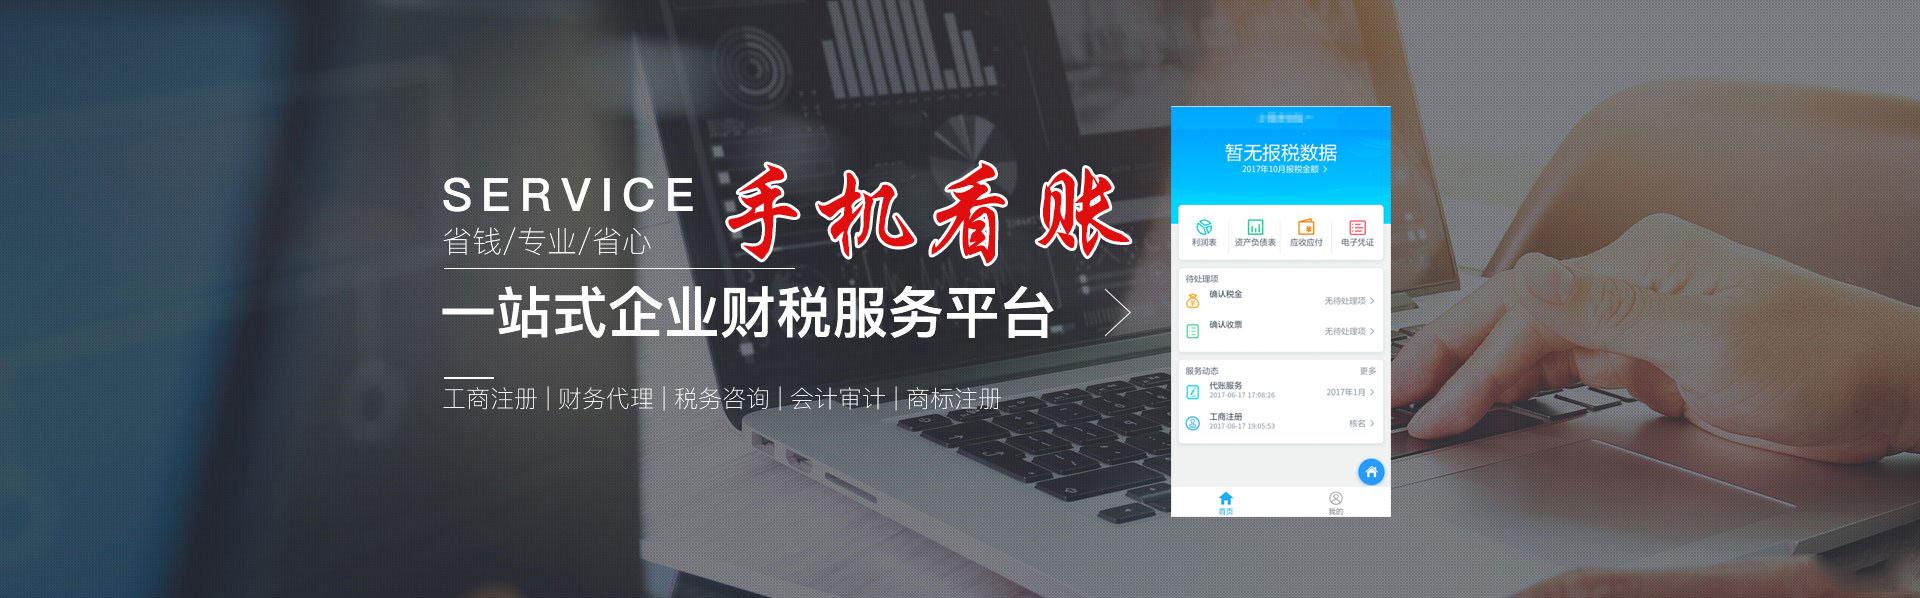 u优发国际娱乐官网做网站